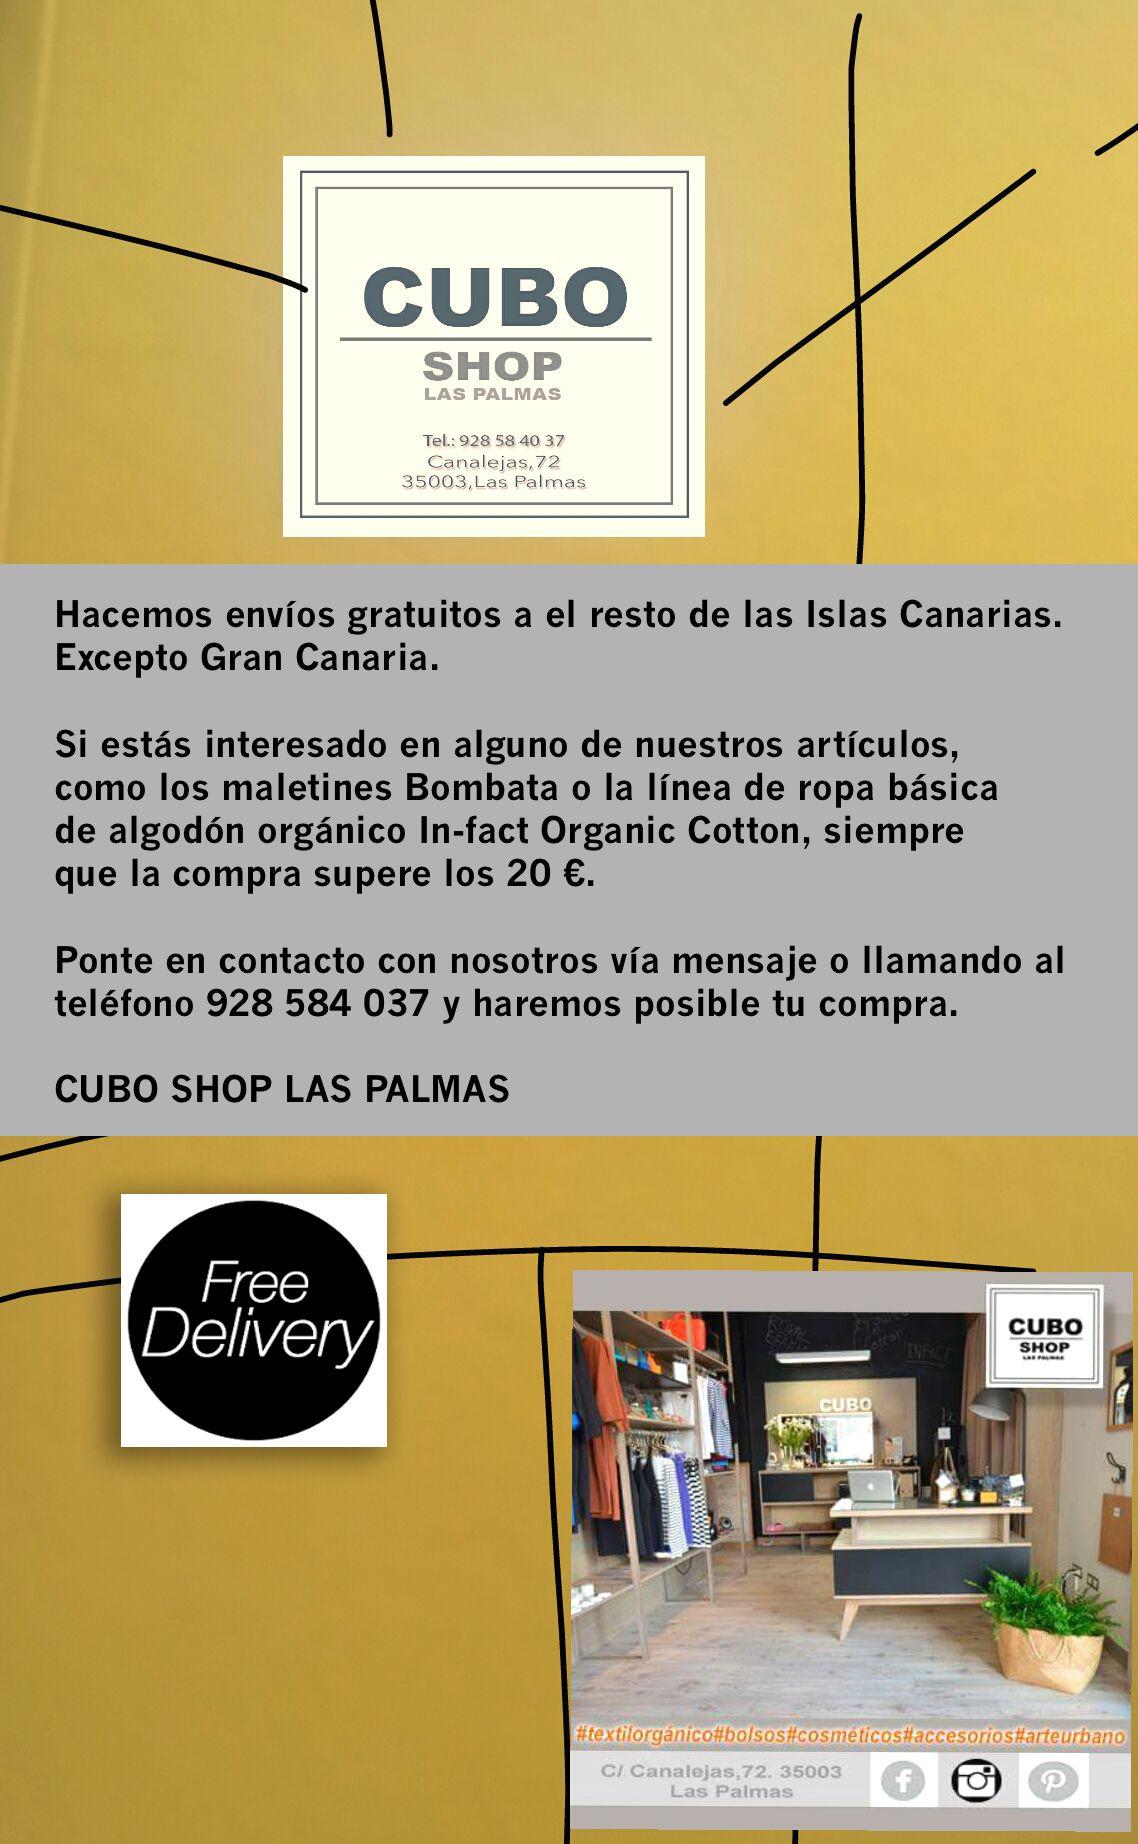 Envío gratuito a clientes de las Islas. Excepto Gran Canaria.  Compra superior a 20€ Mira nuestros artículos en nuestros tableros.